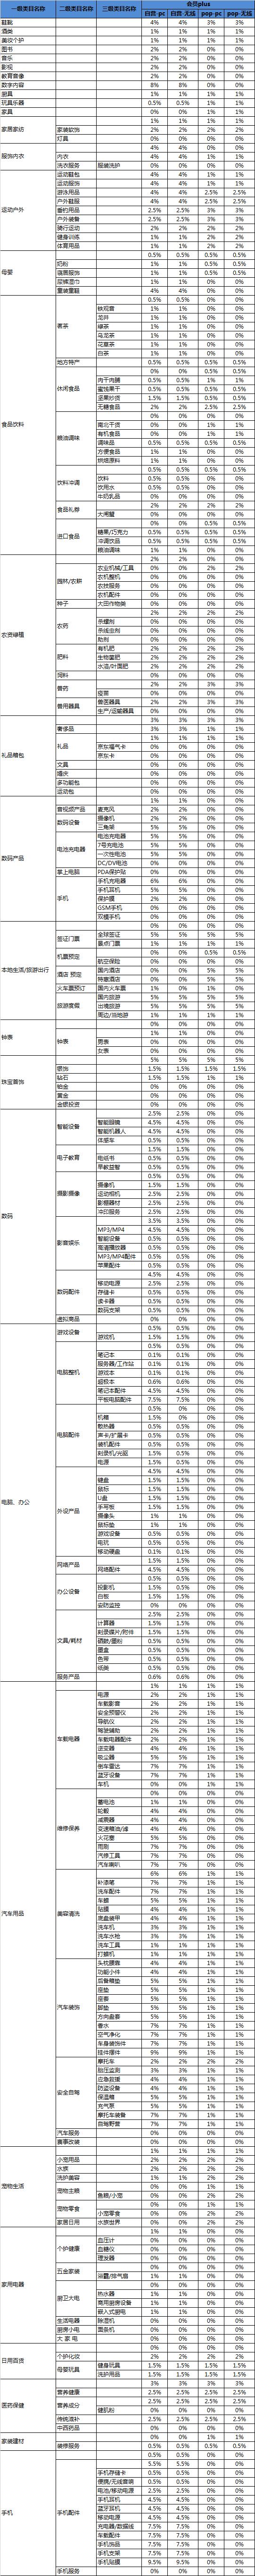 京东联盟关于会员PLUS订单返佣政策调整公告